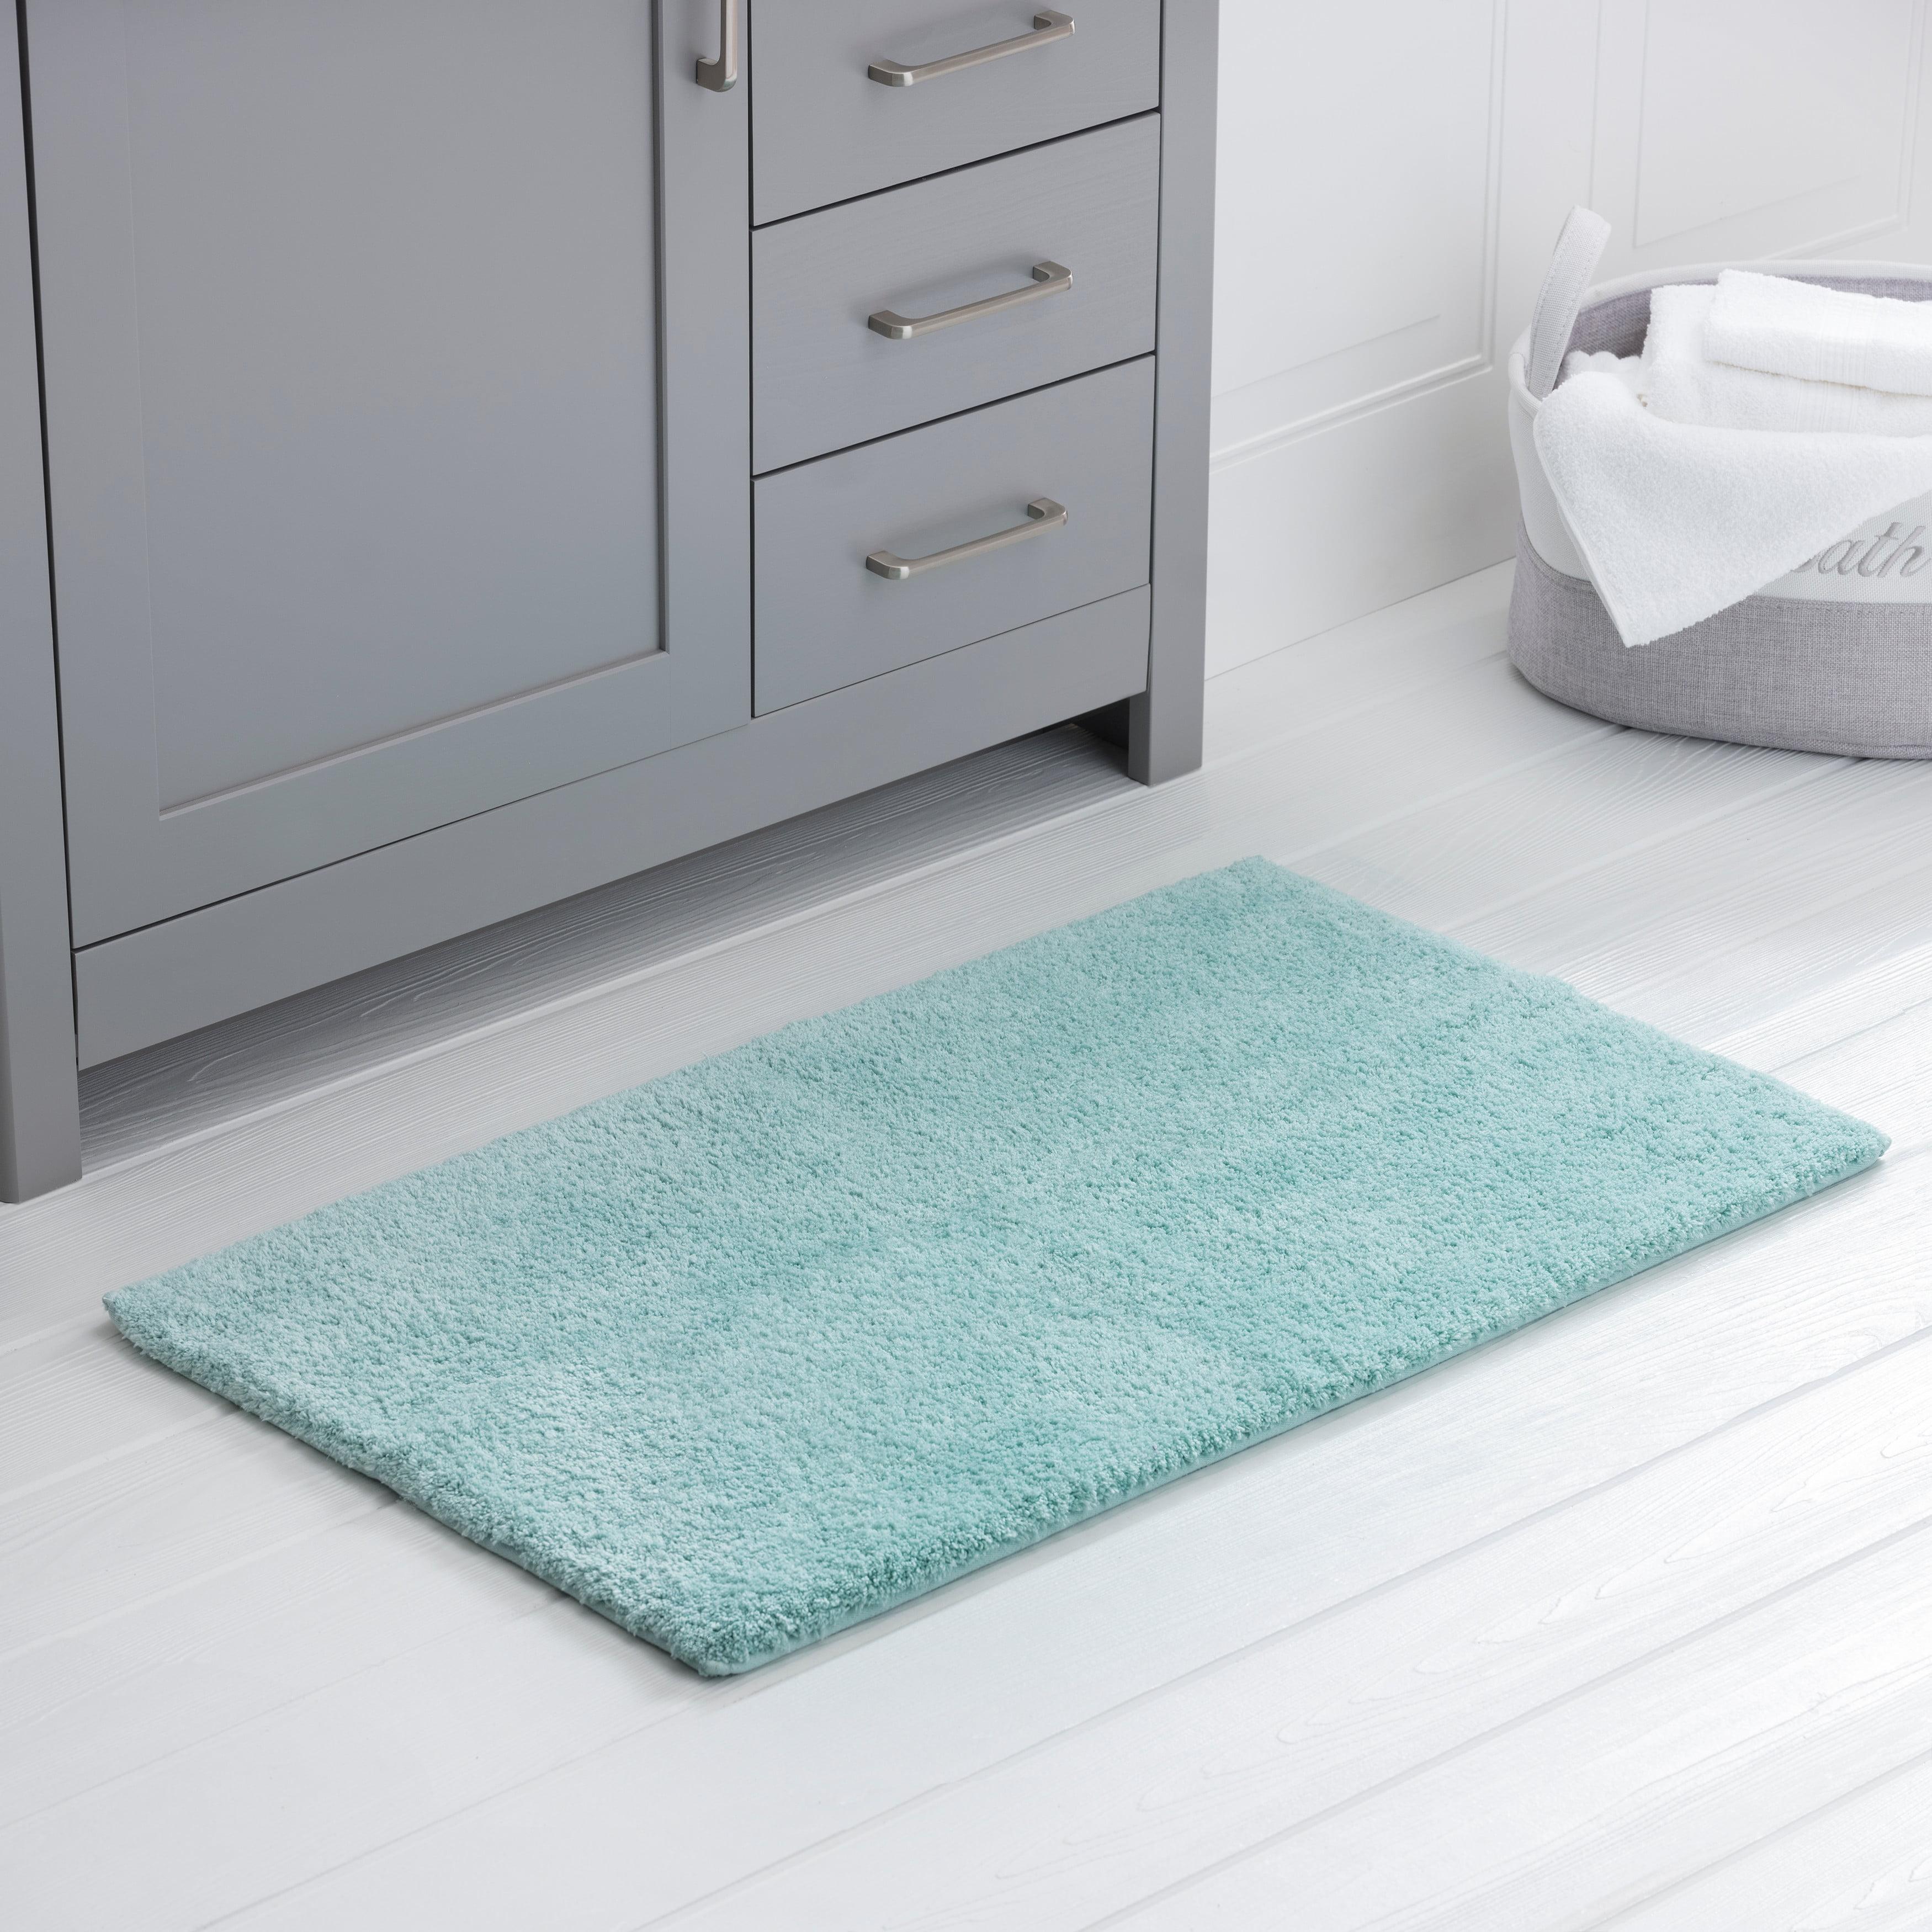 Better Homes & Gardens Polyester Multiply Drylon Bath Rug, 1 Each